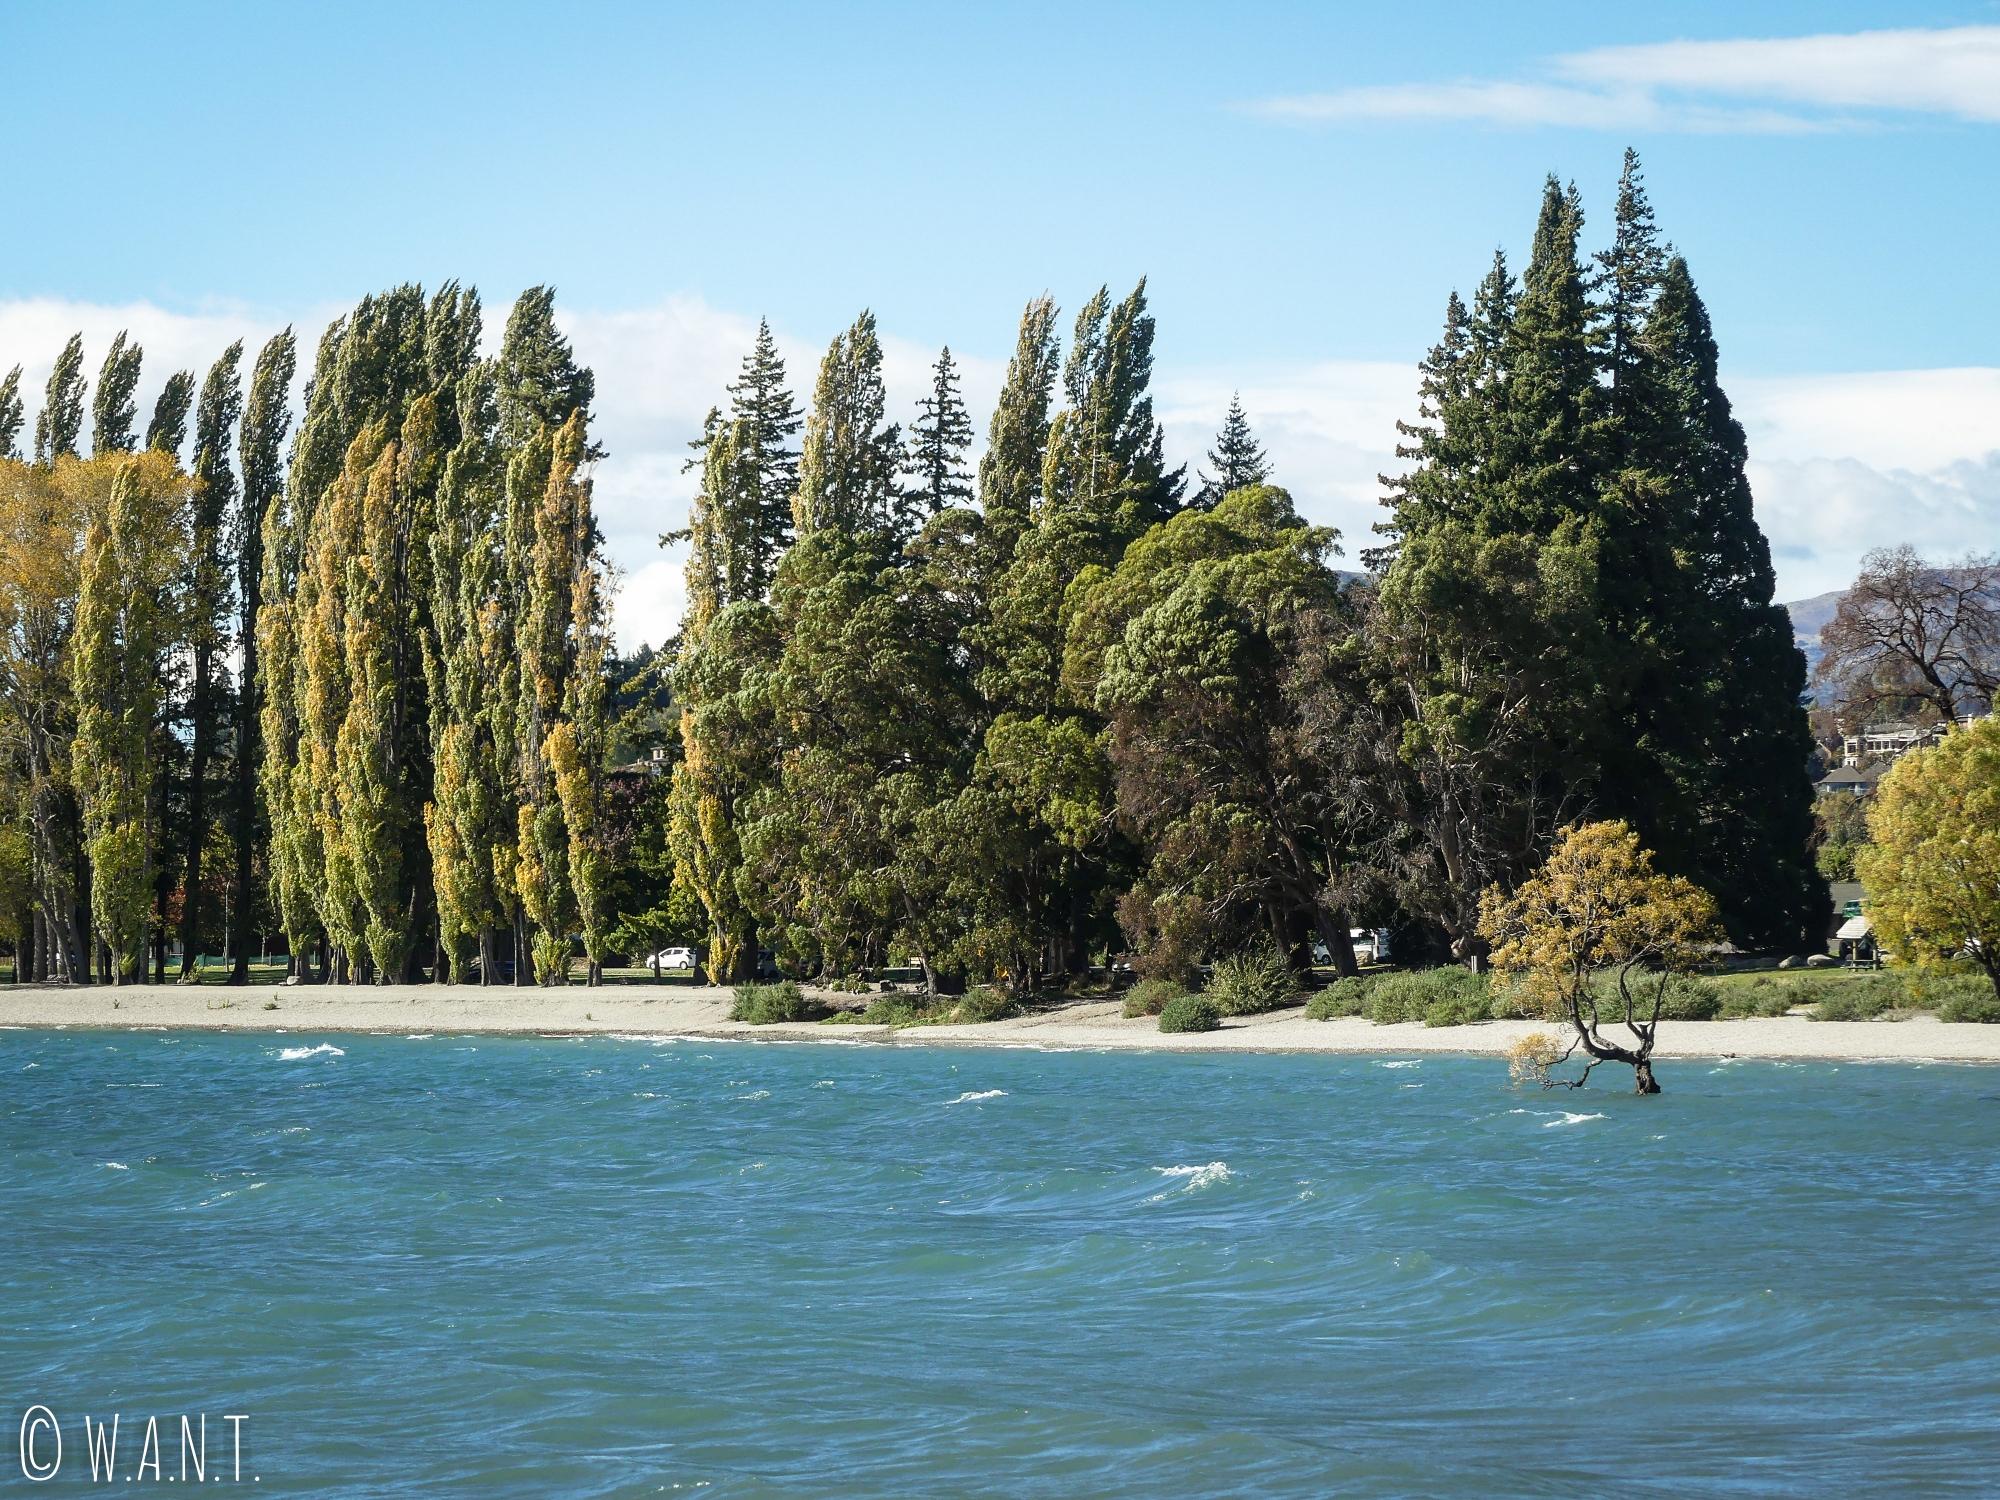 Vue sur l'arbre de Wanaka en Nouvelle-Zélande